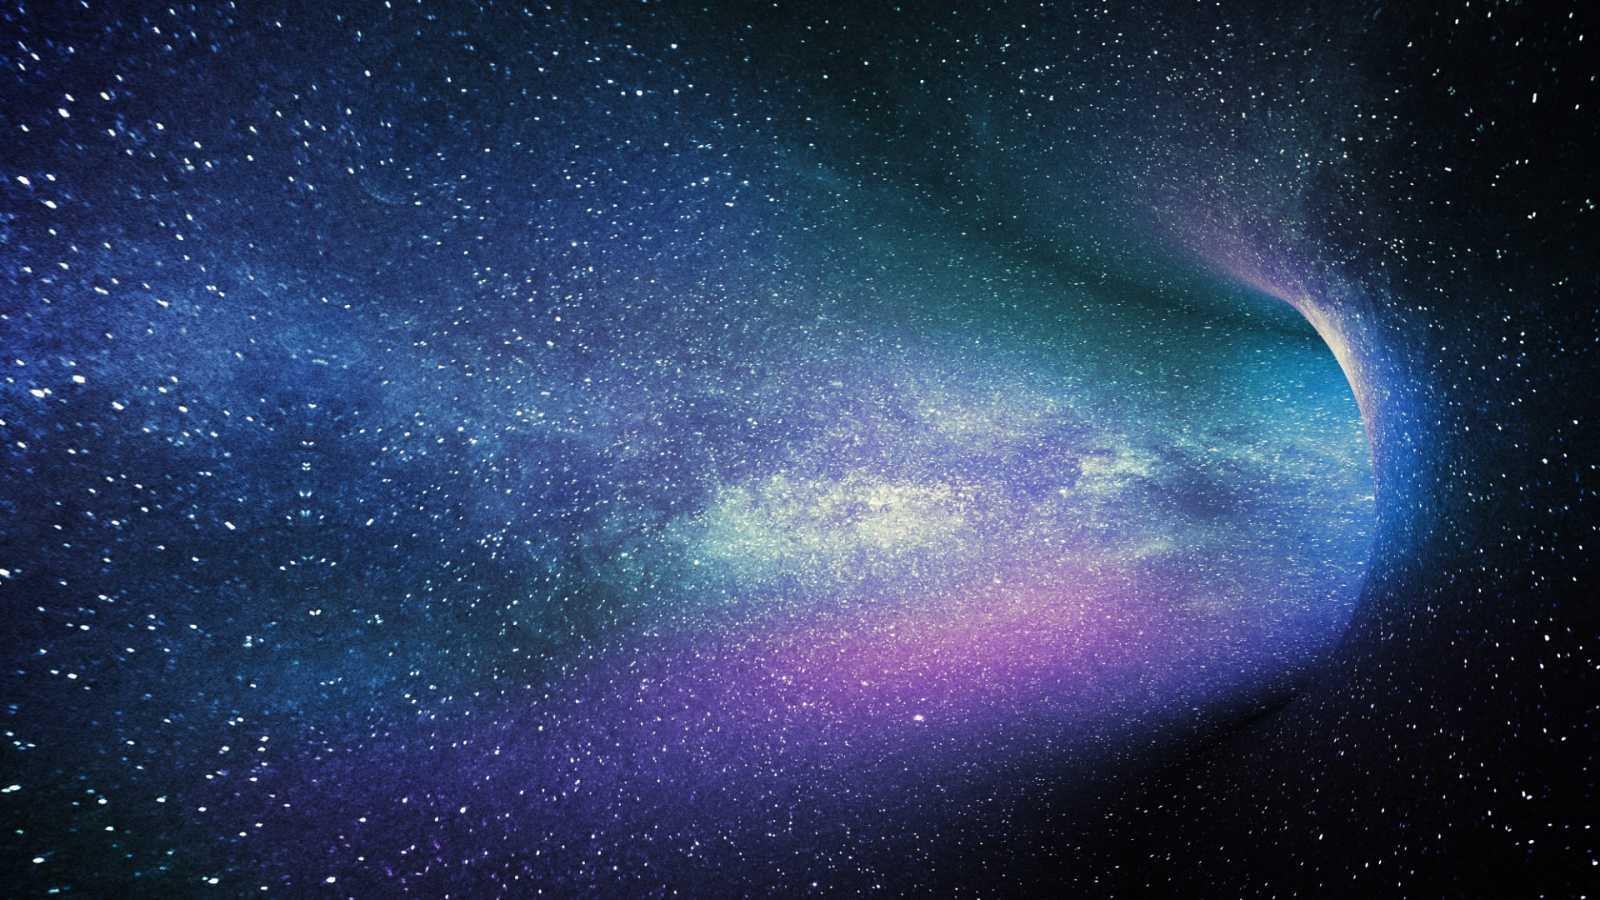 Detectan el agujero negro más grande jamás descubierto: 142 veces la masa del Sol